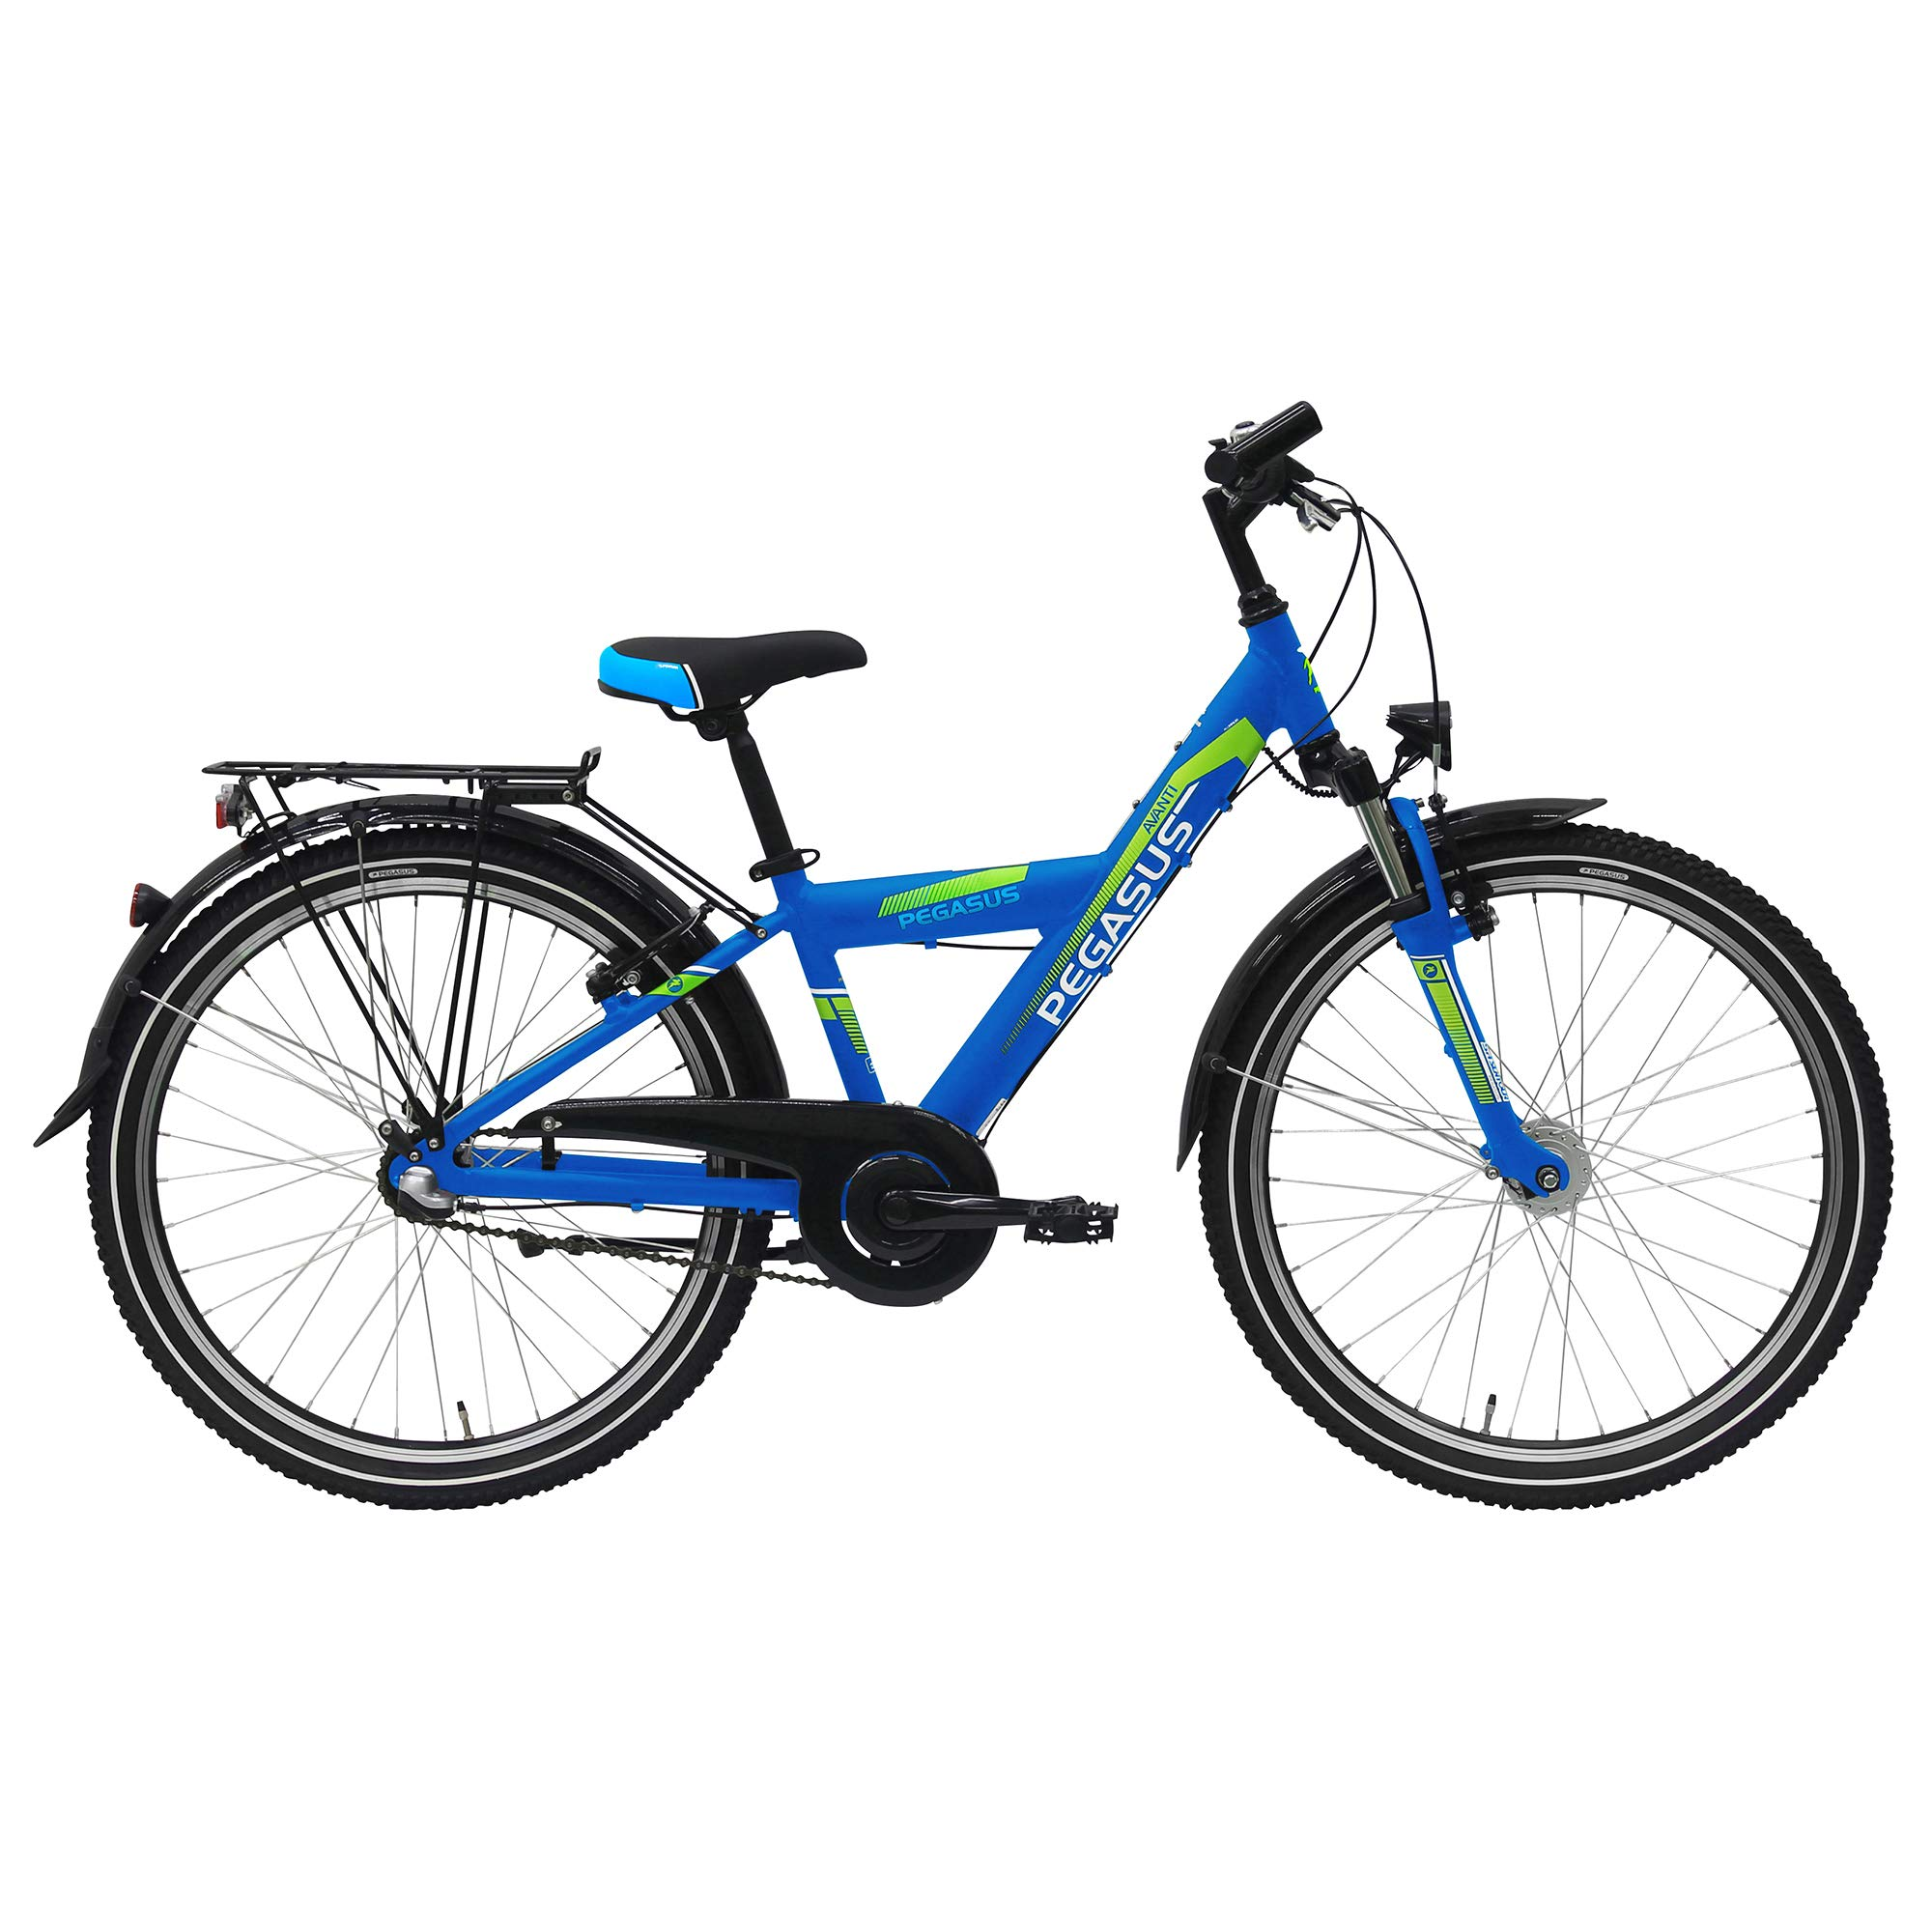 Pegasus Avanti 24 Niño bicicleta 3 marchas Shimano 24 pulgadas ...